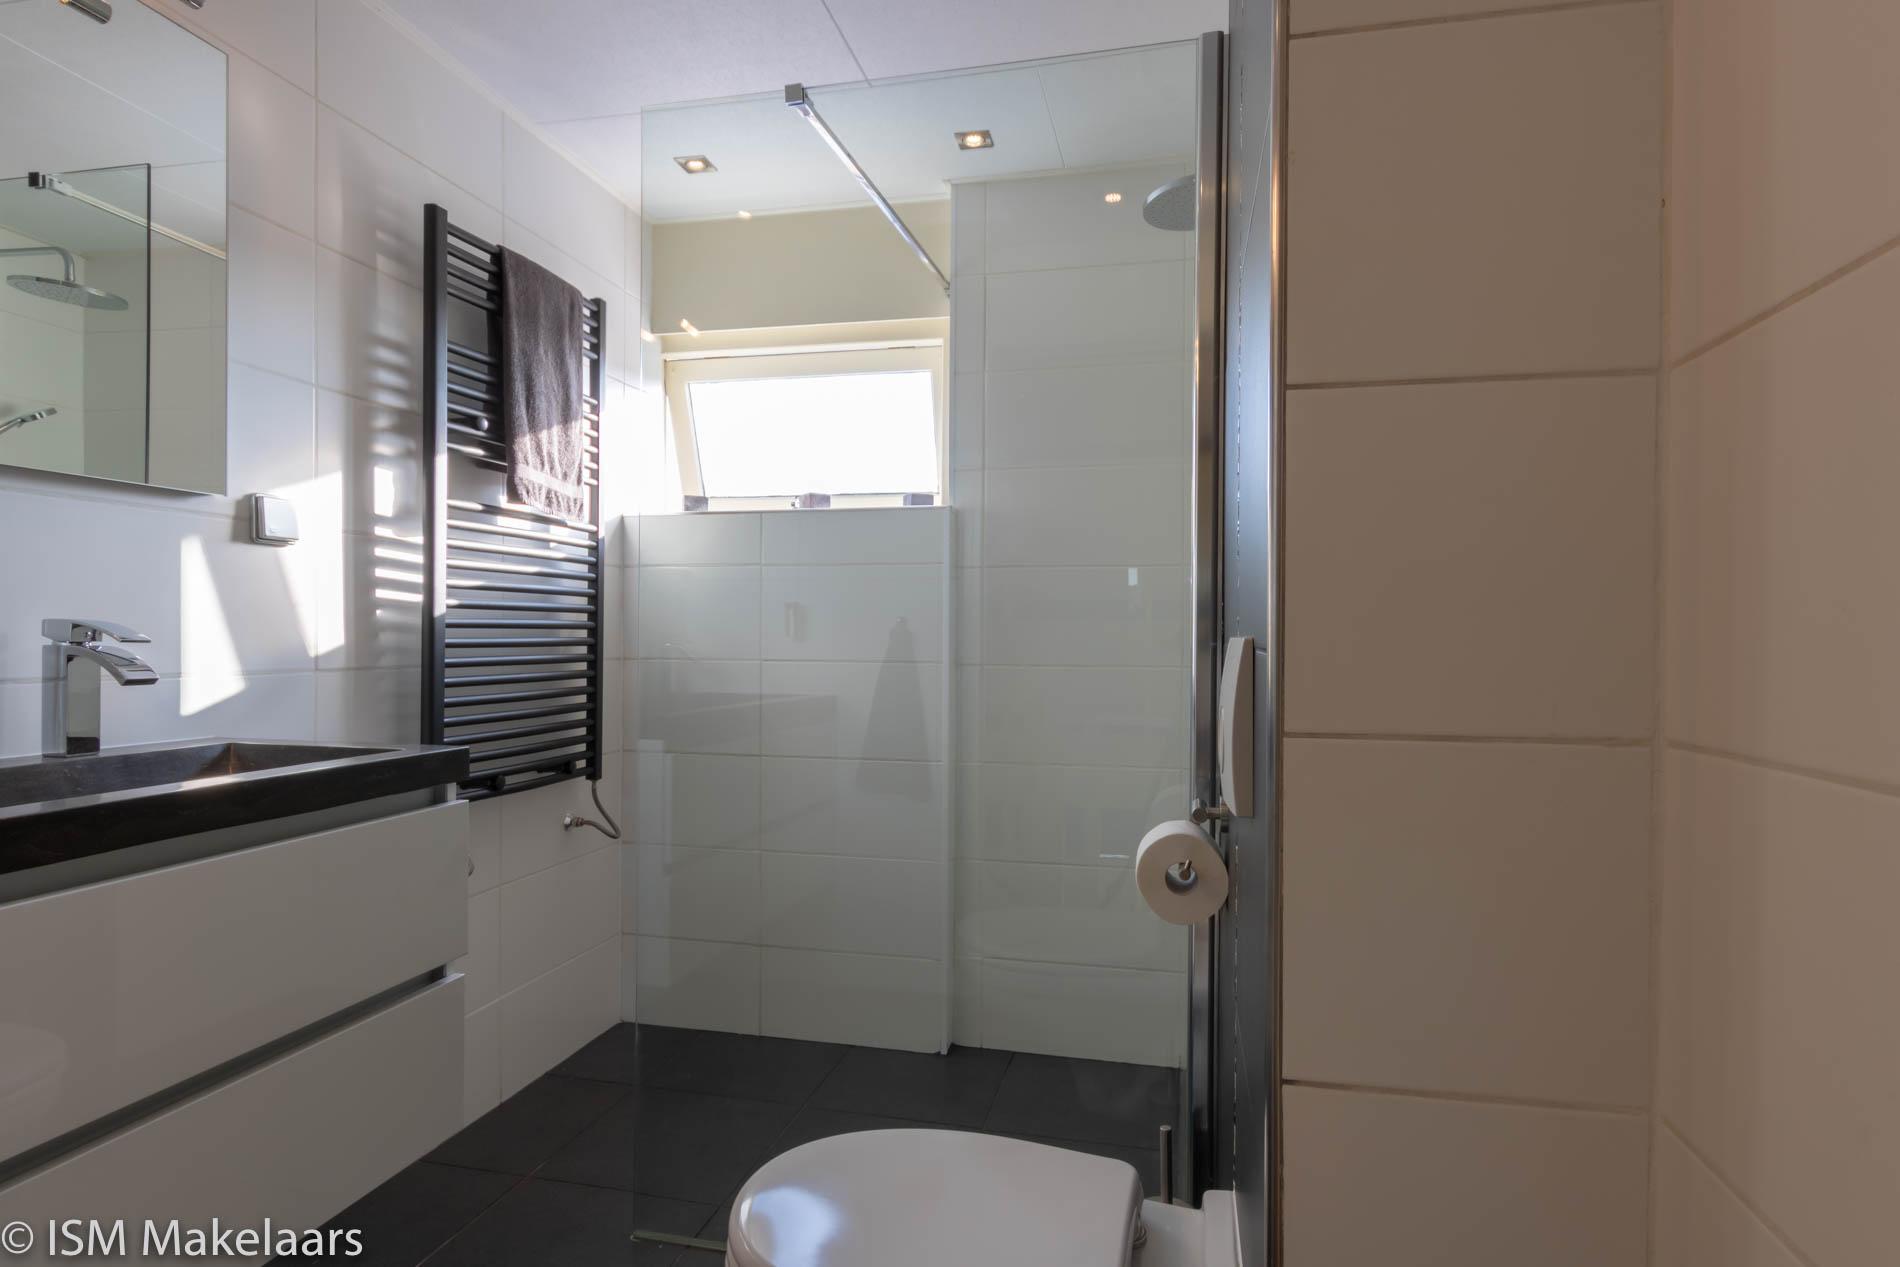 badkamer blikkenburg 55 vlissingen ism makelaars